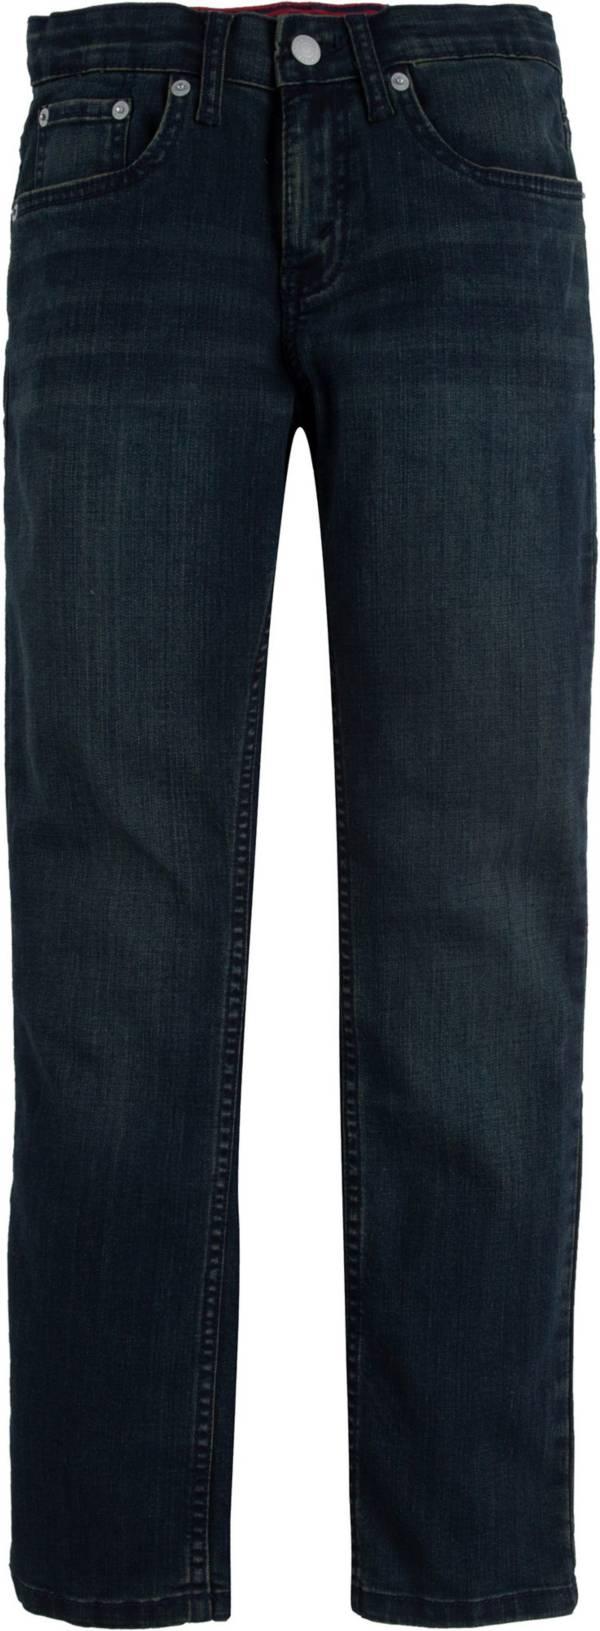 Levi's Boys' 511 Slim Fit Flex Stretch Jeans product image